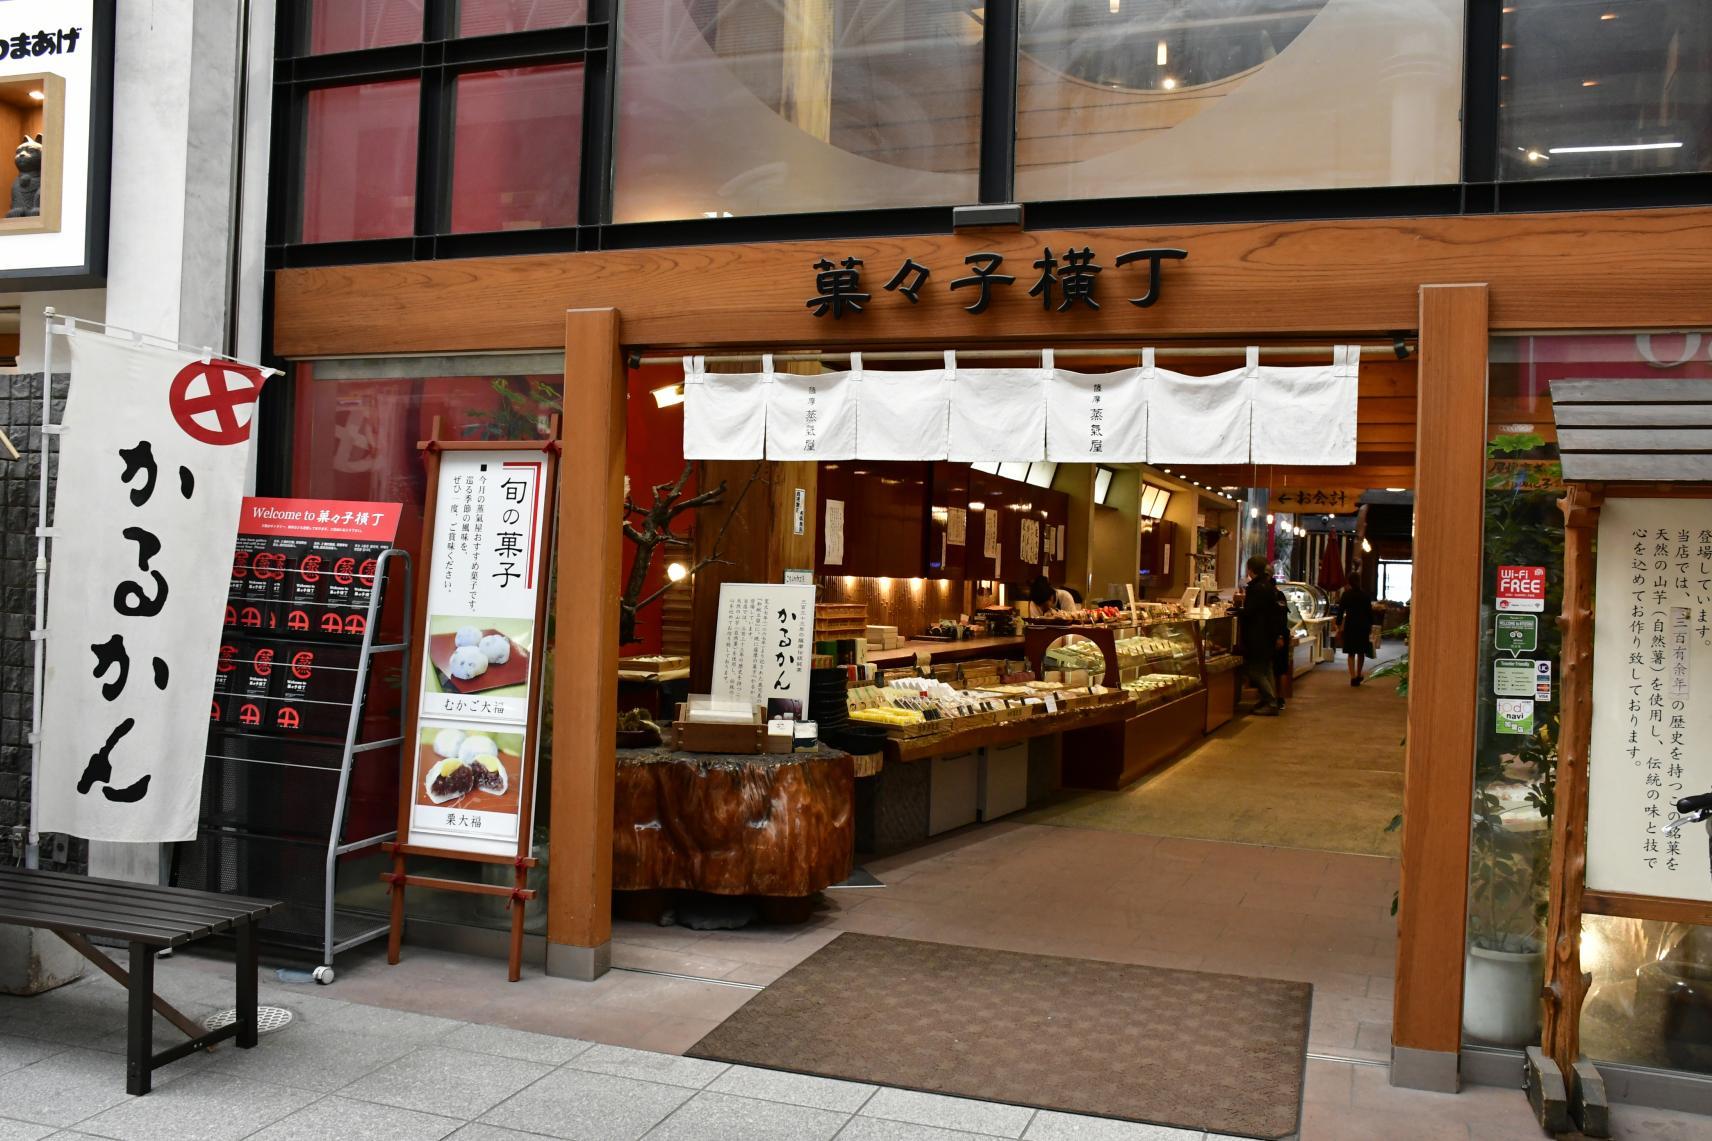 薩摩蒸氣屋 菓菓子横丁-1